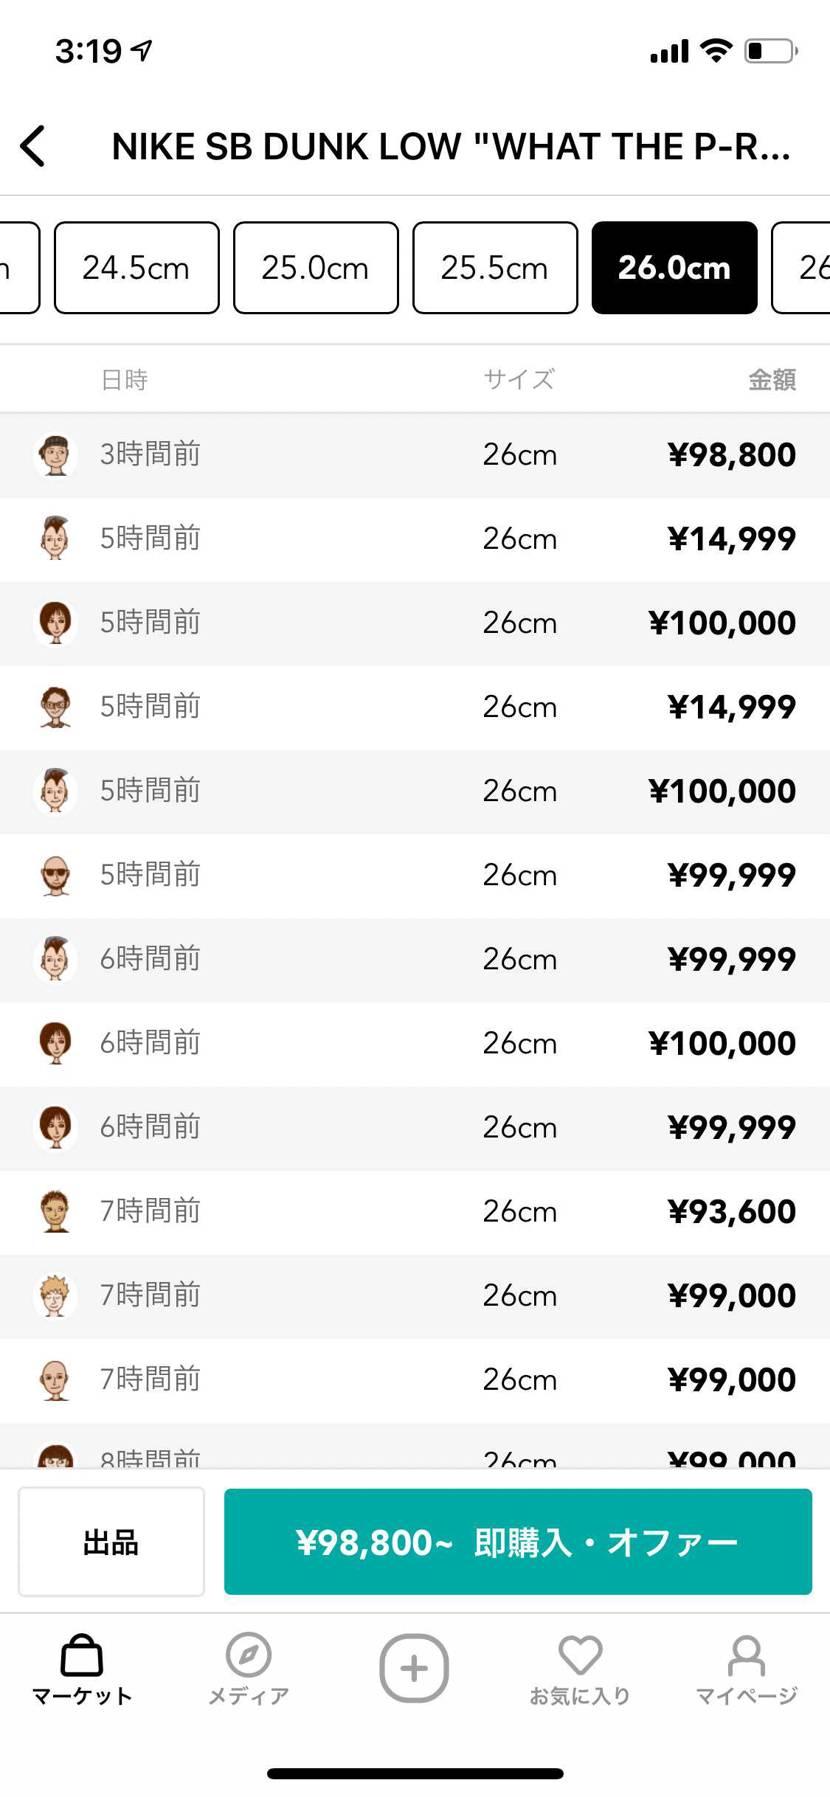 14,999円で2回も売れてるw